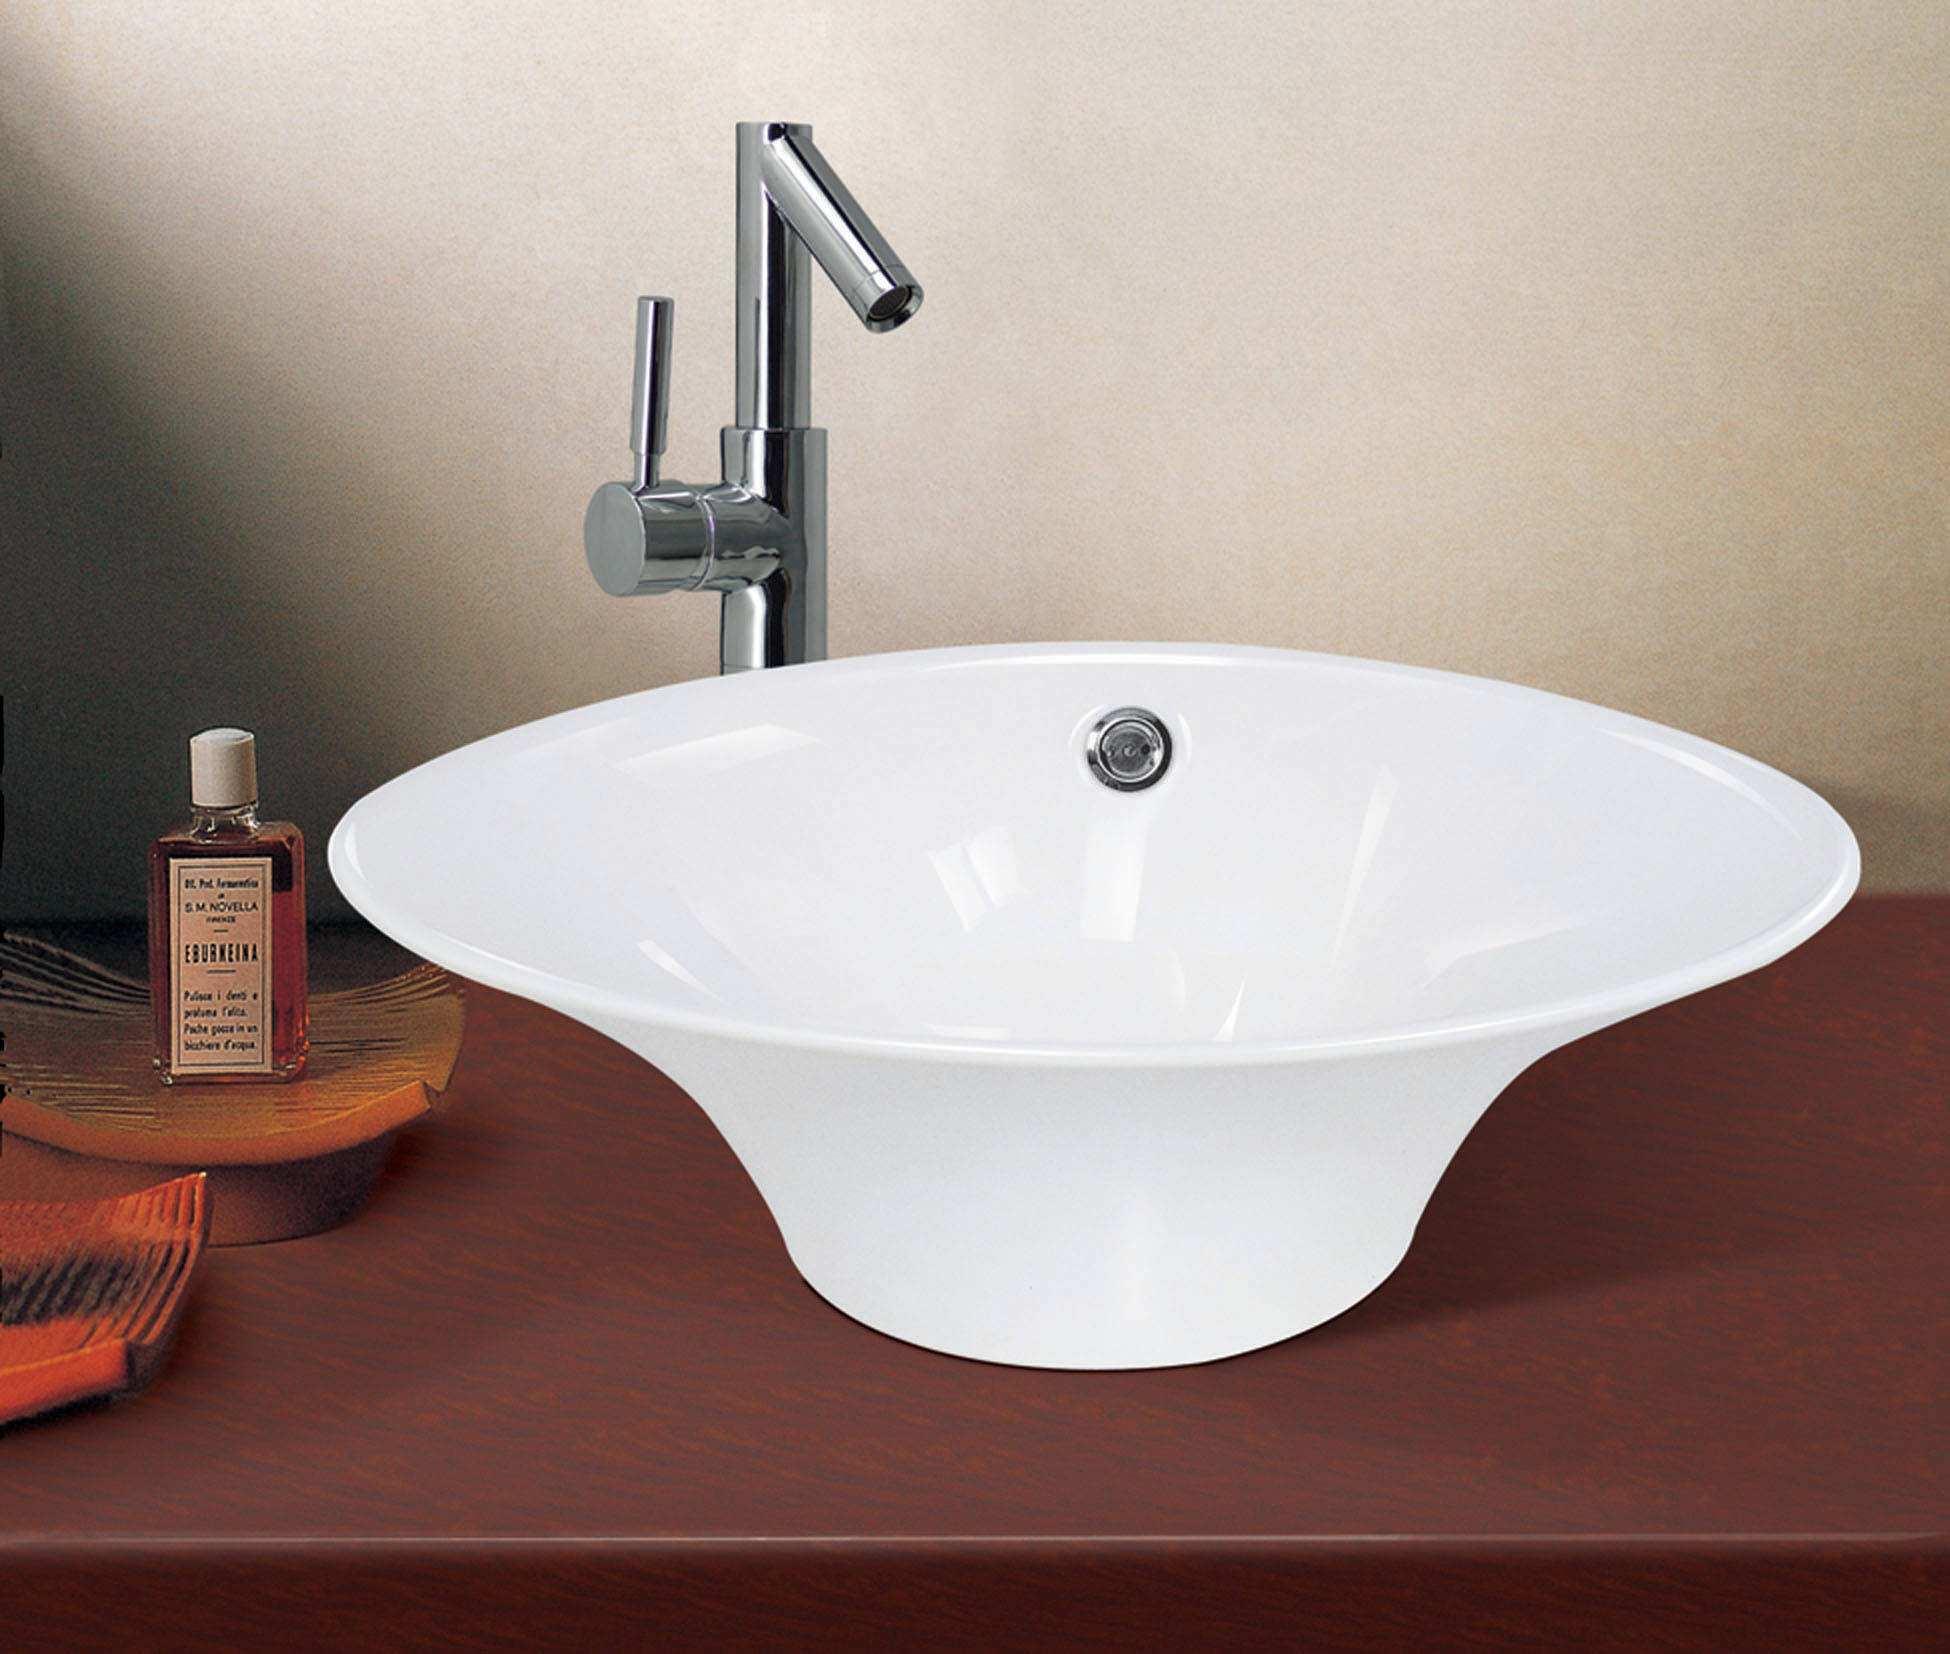 床上用品厂家-电热水器维修-重庆千瑞装饰工程有限公司